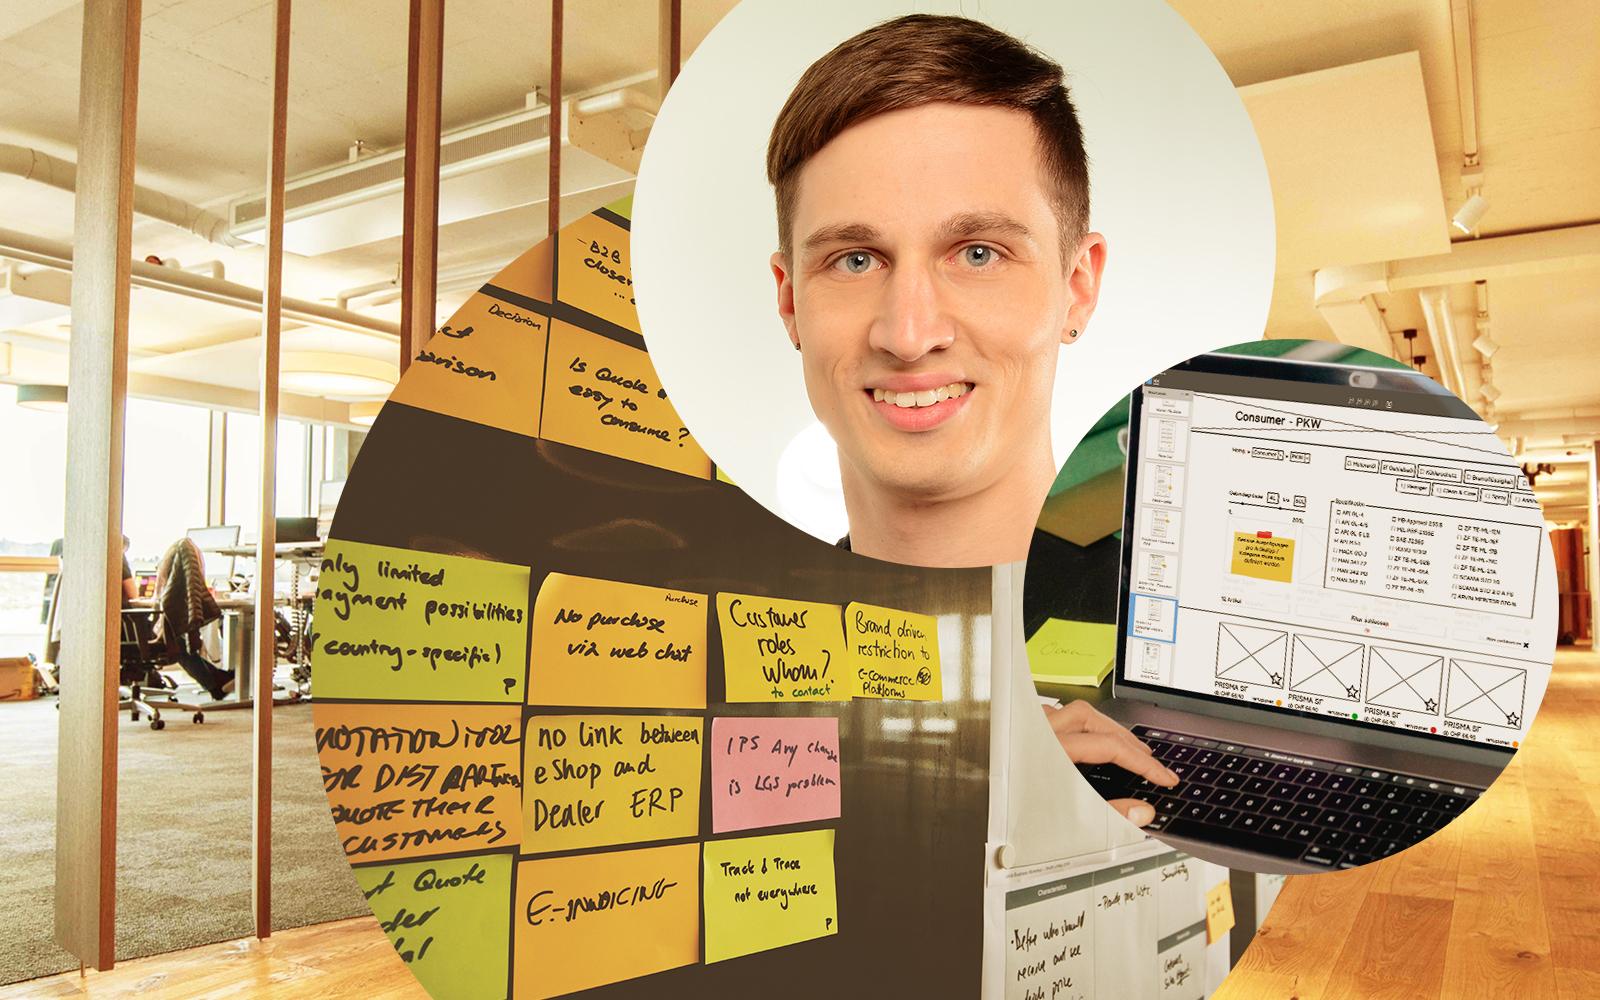 Bild von Vincent Aniol, RE-UX-Consultant bei valantic CEC Schweiz, daneben das Bild eines Laptopbildschirmes sowie einiger Notizzettel